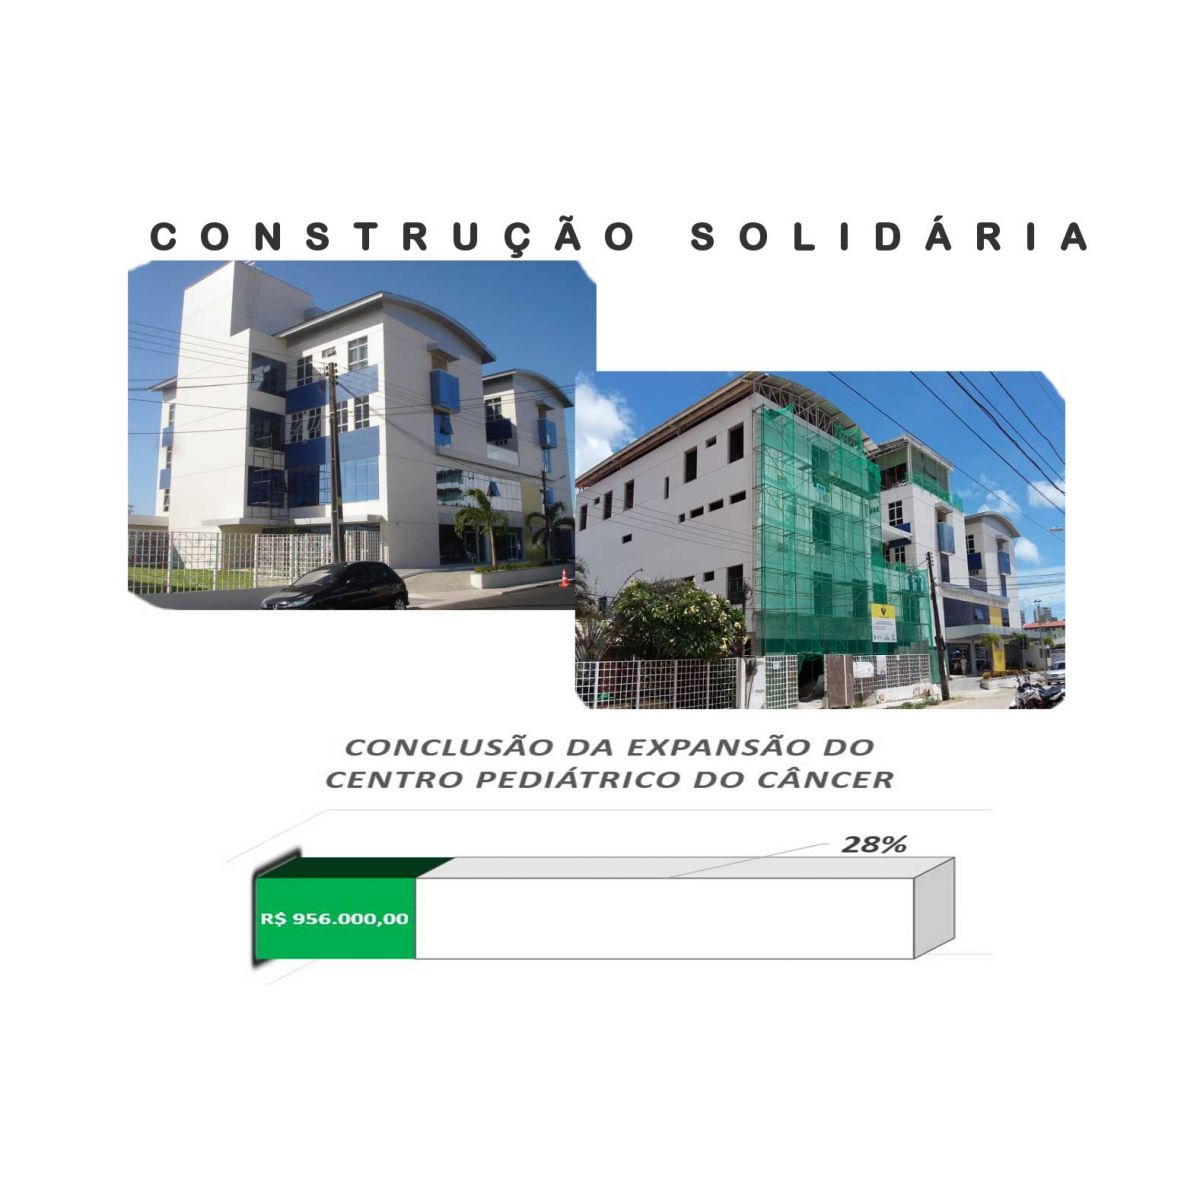 Construção Solidária